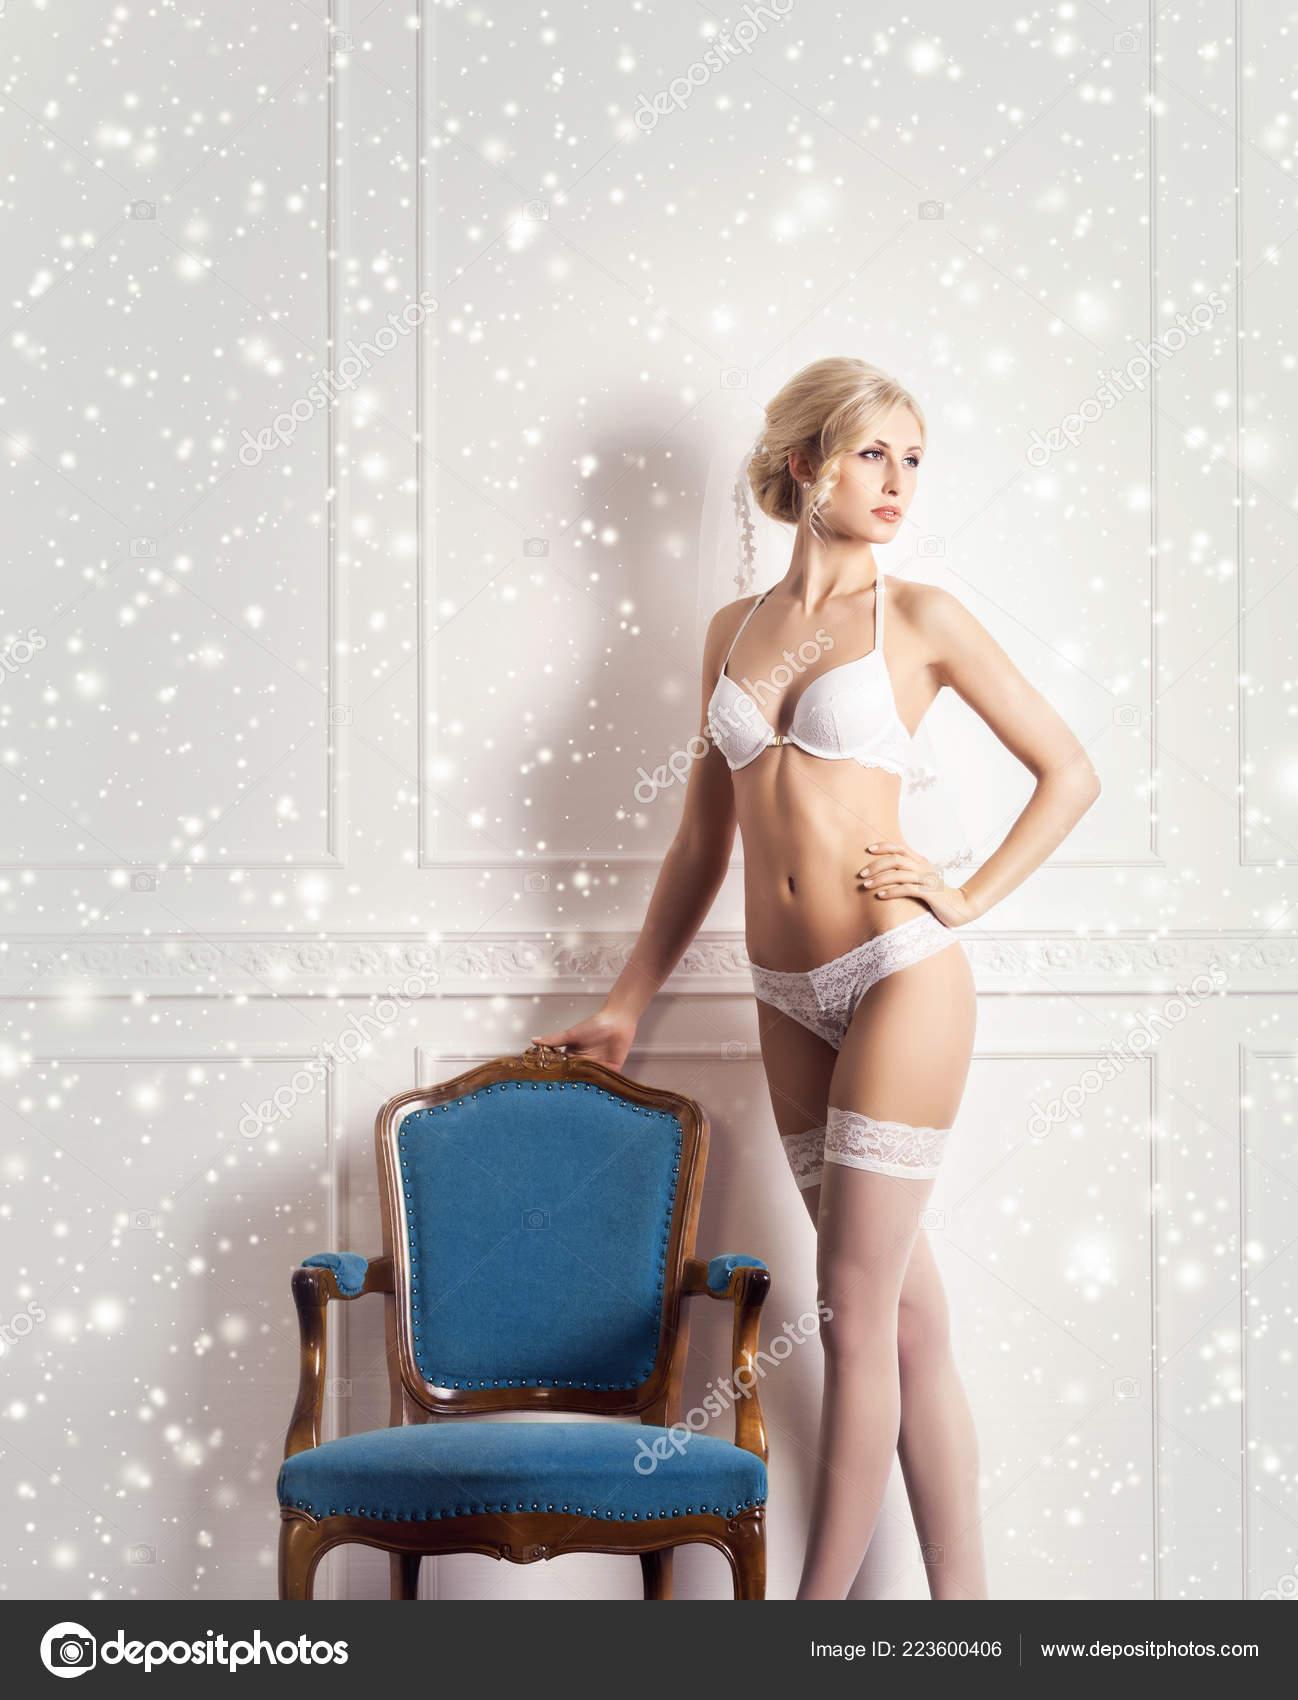 15a3818e8 Jovem Mulher Sexy Lingerie Branca Modelo Posando Interior Vindima Cuecas —  Fotografia de Stock